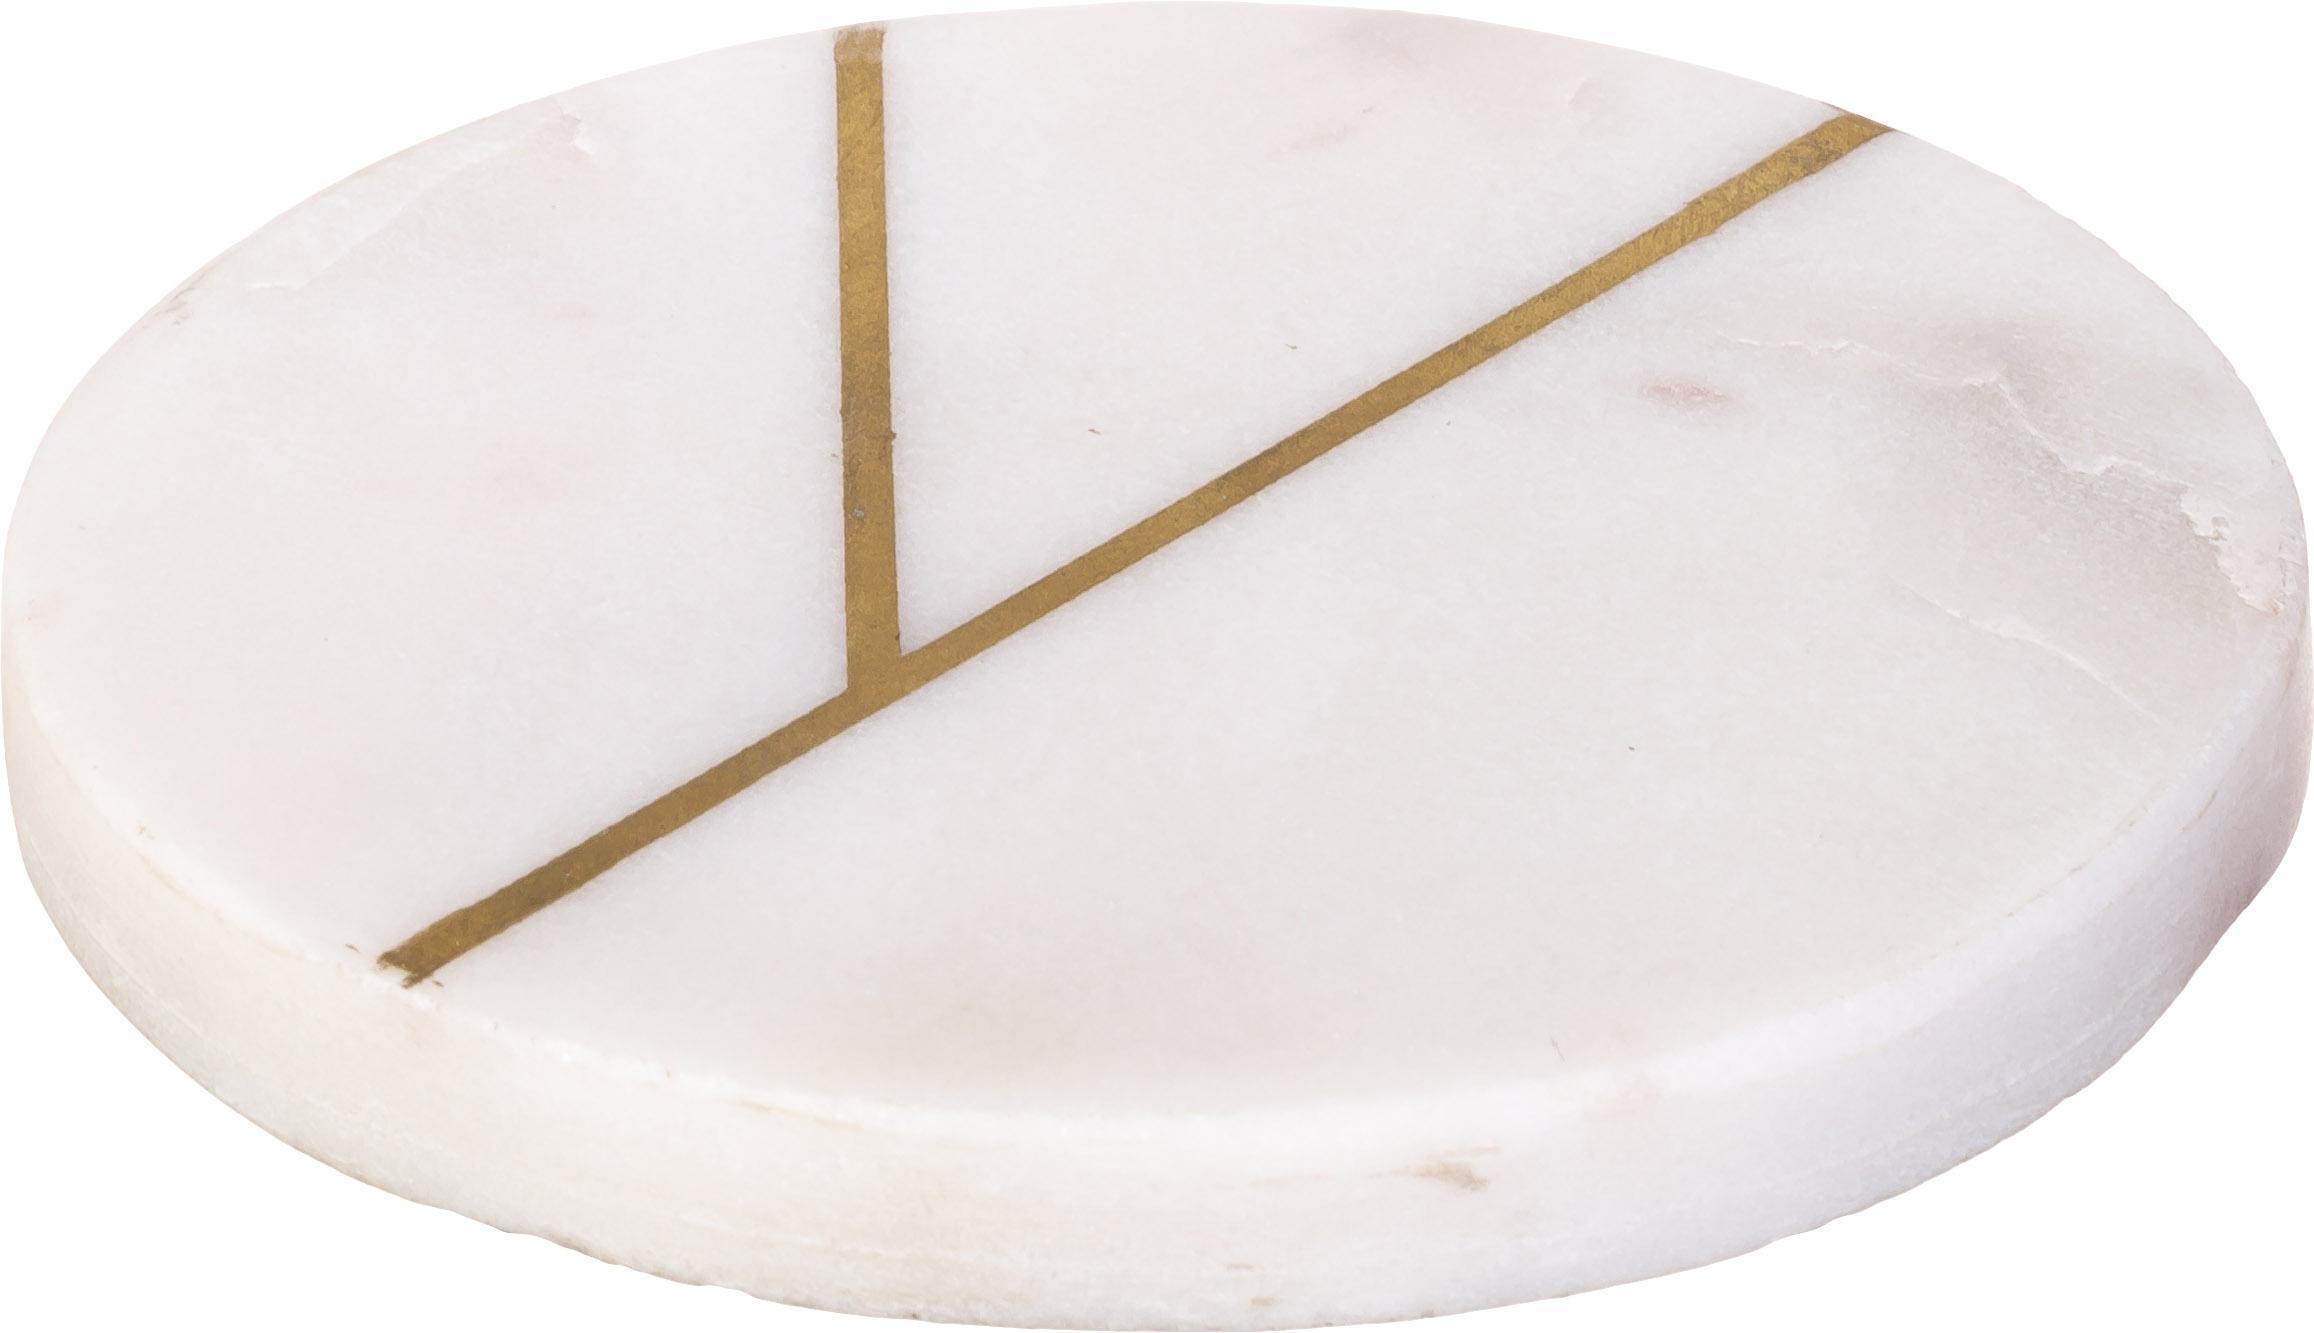 Marmor-Untersetzer Marek, 4 Stück, Marmor, Weiß marmoriert, Goldfarben, Ø 10 x H 1 cm